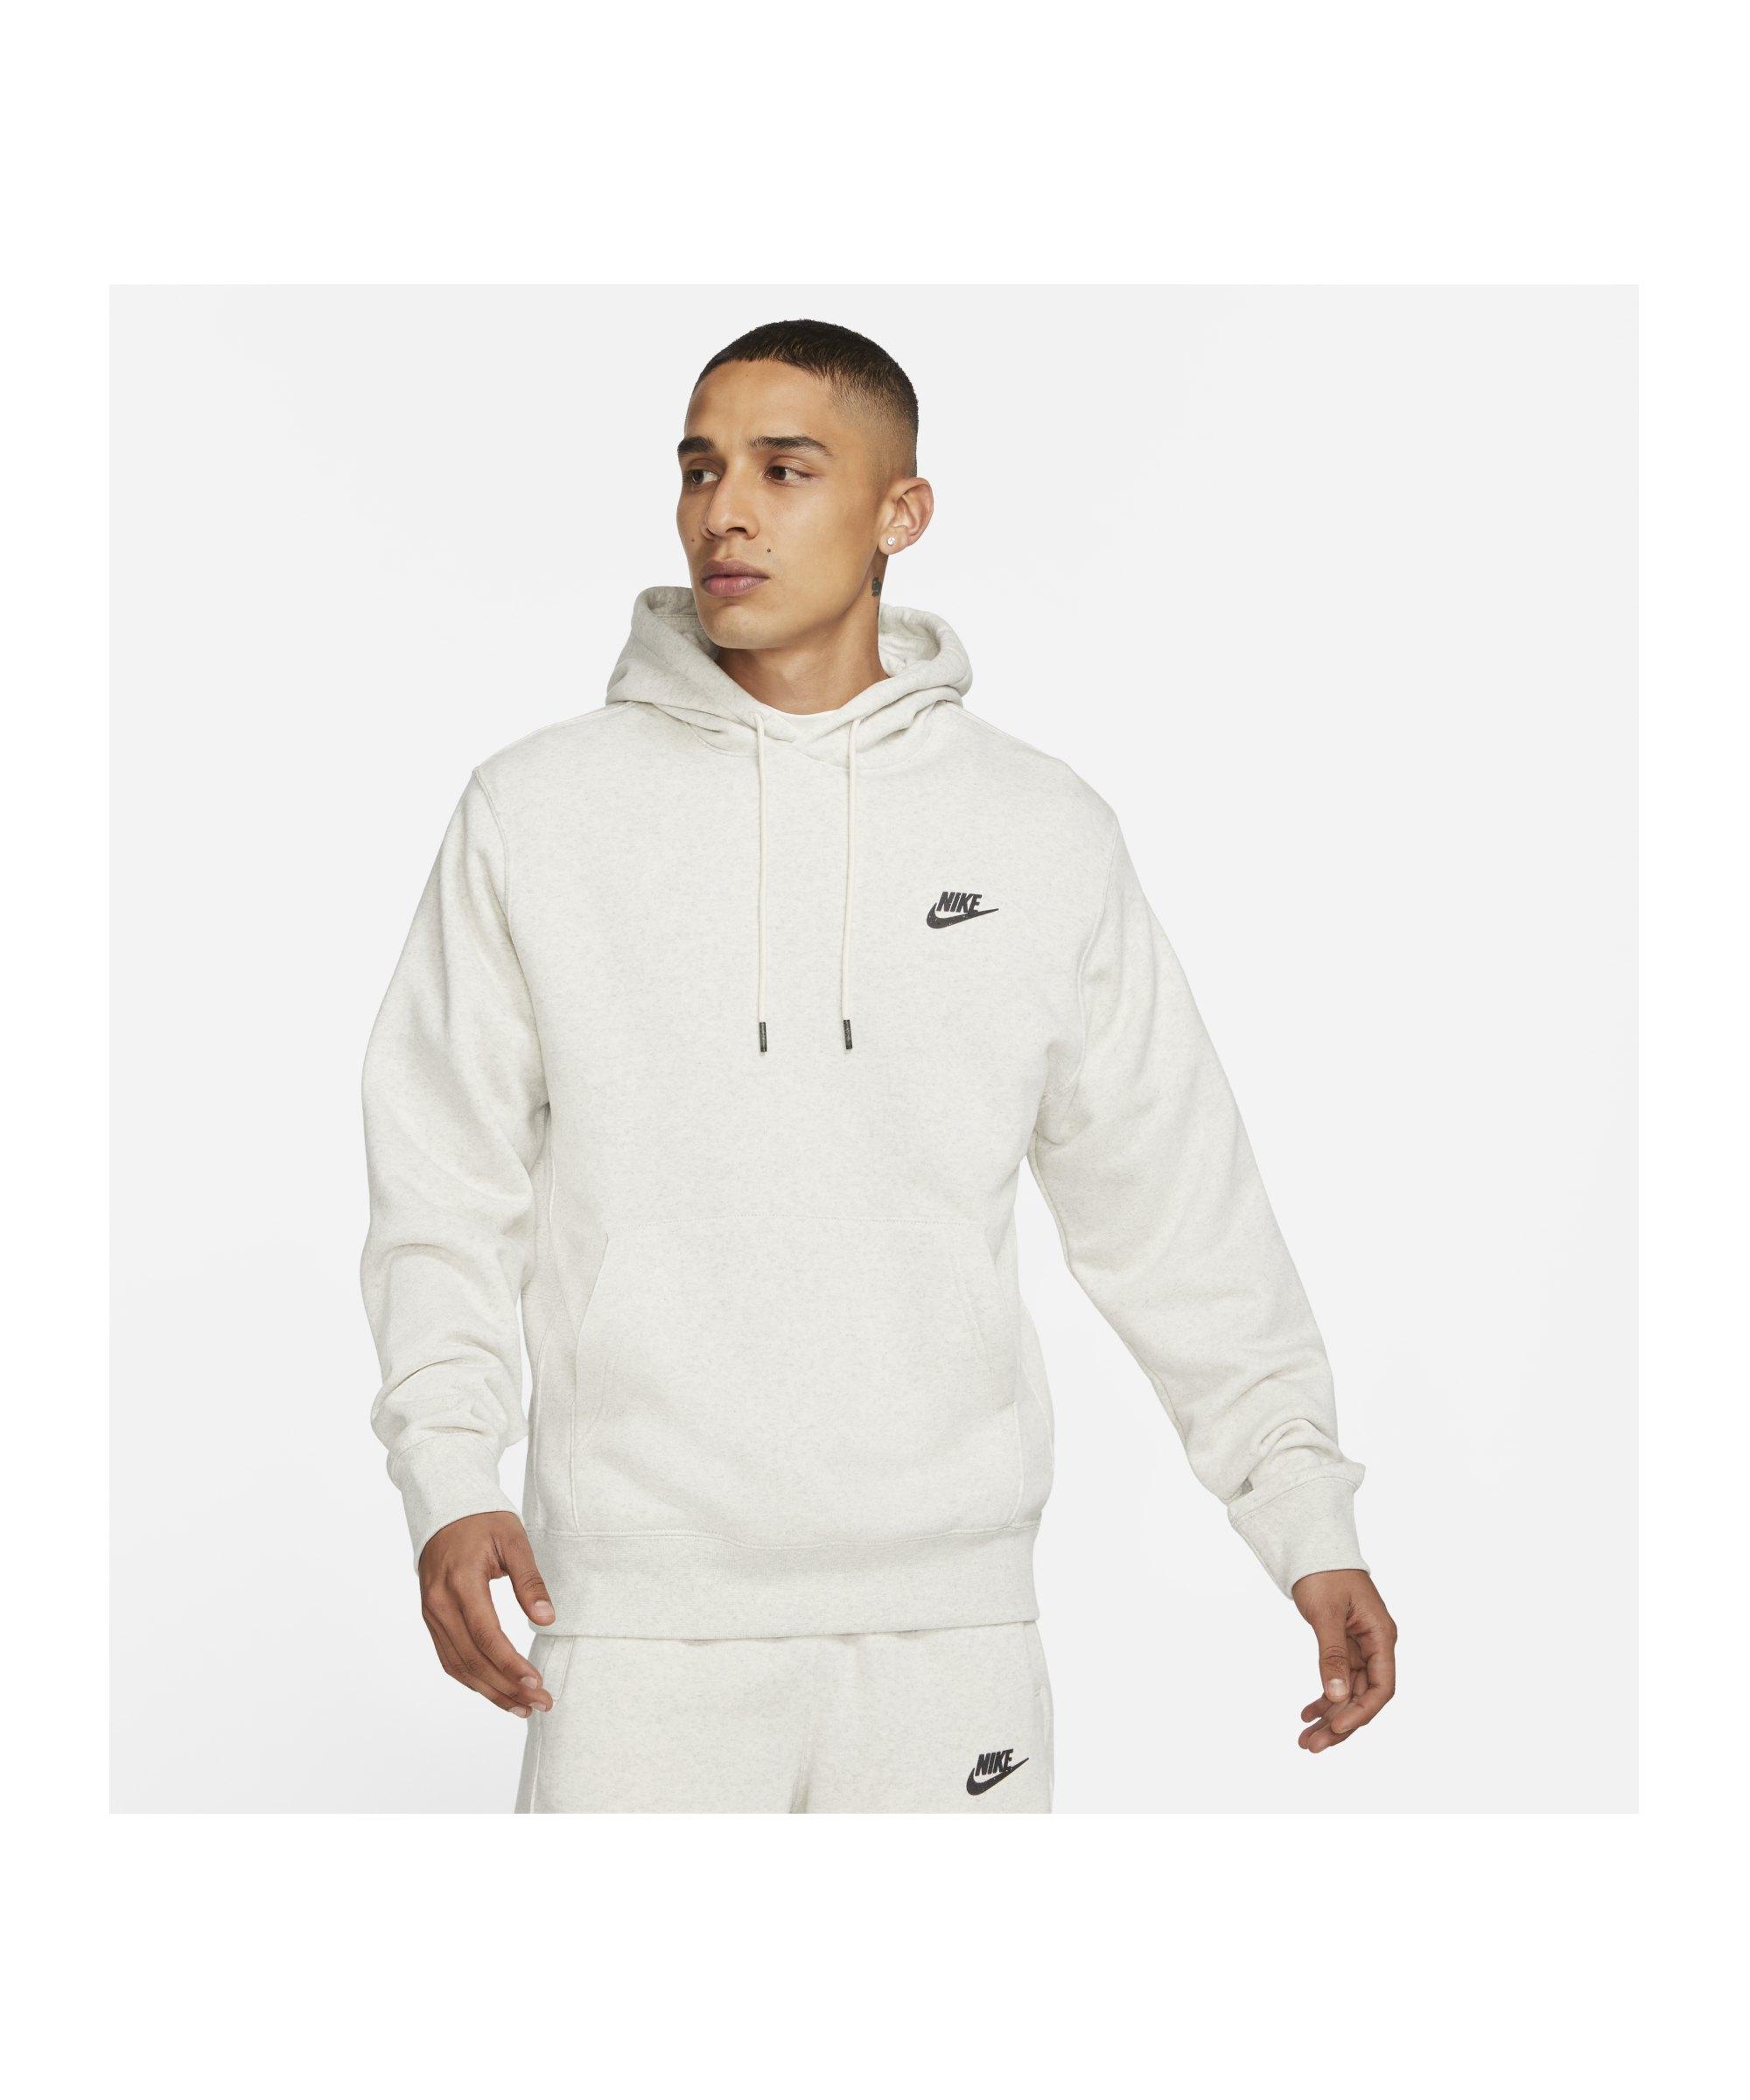 Nike Revival Hoody Grau F101 - weiss